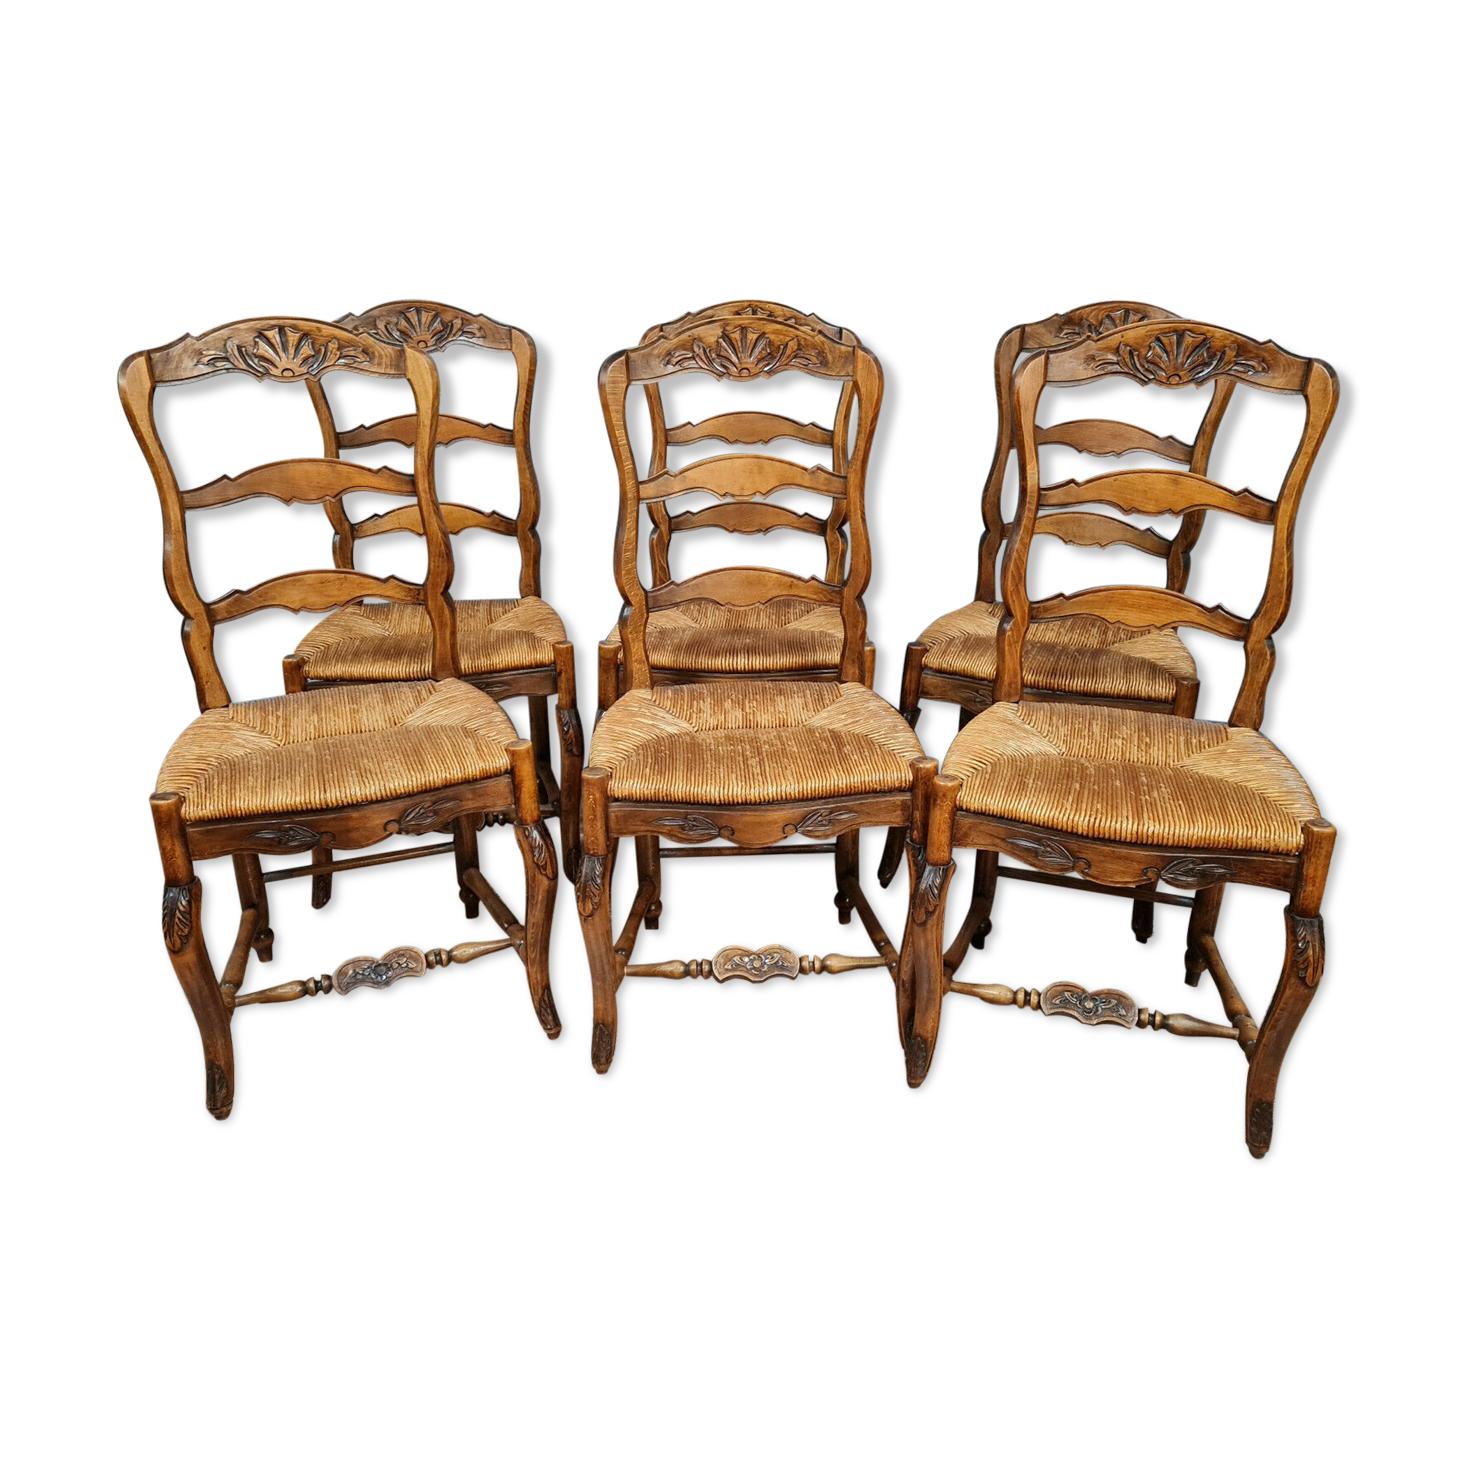 Série de 6 chaises louis xv provençale en chêne